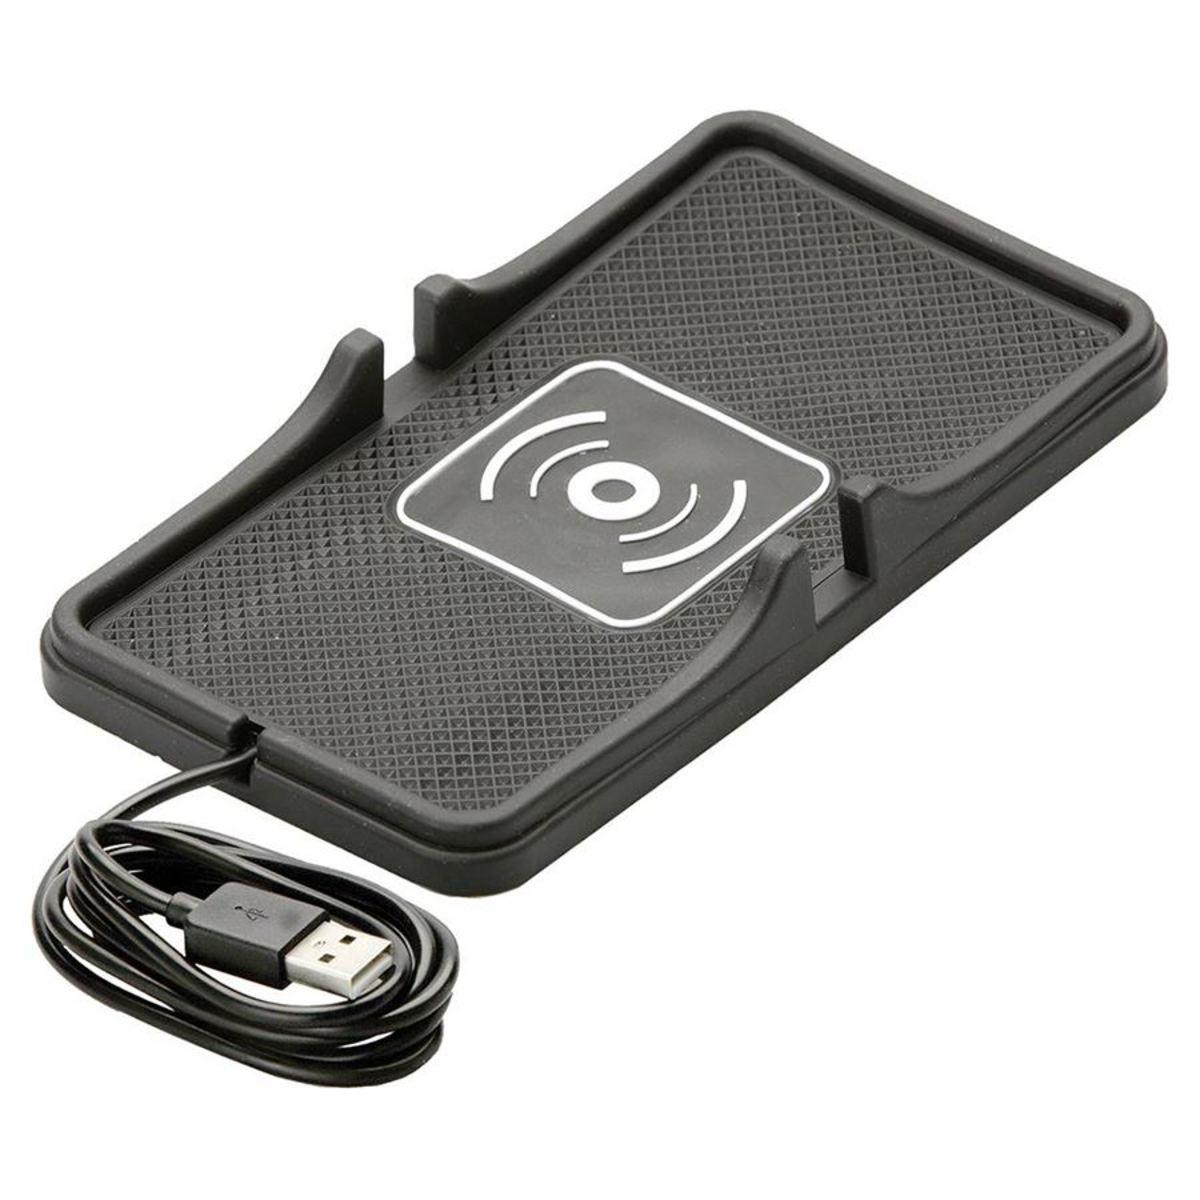 Bild 2 von Wireless Smartphone-Ladepad